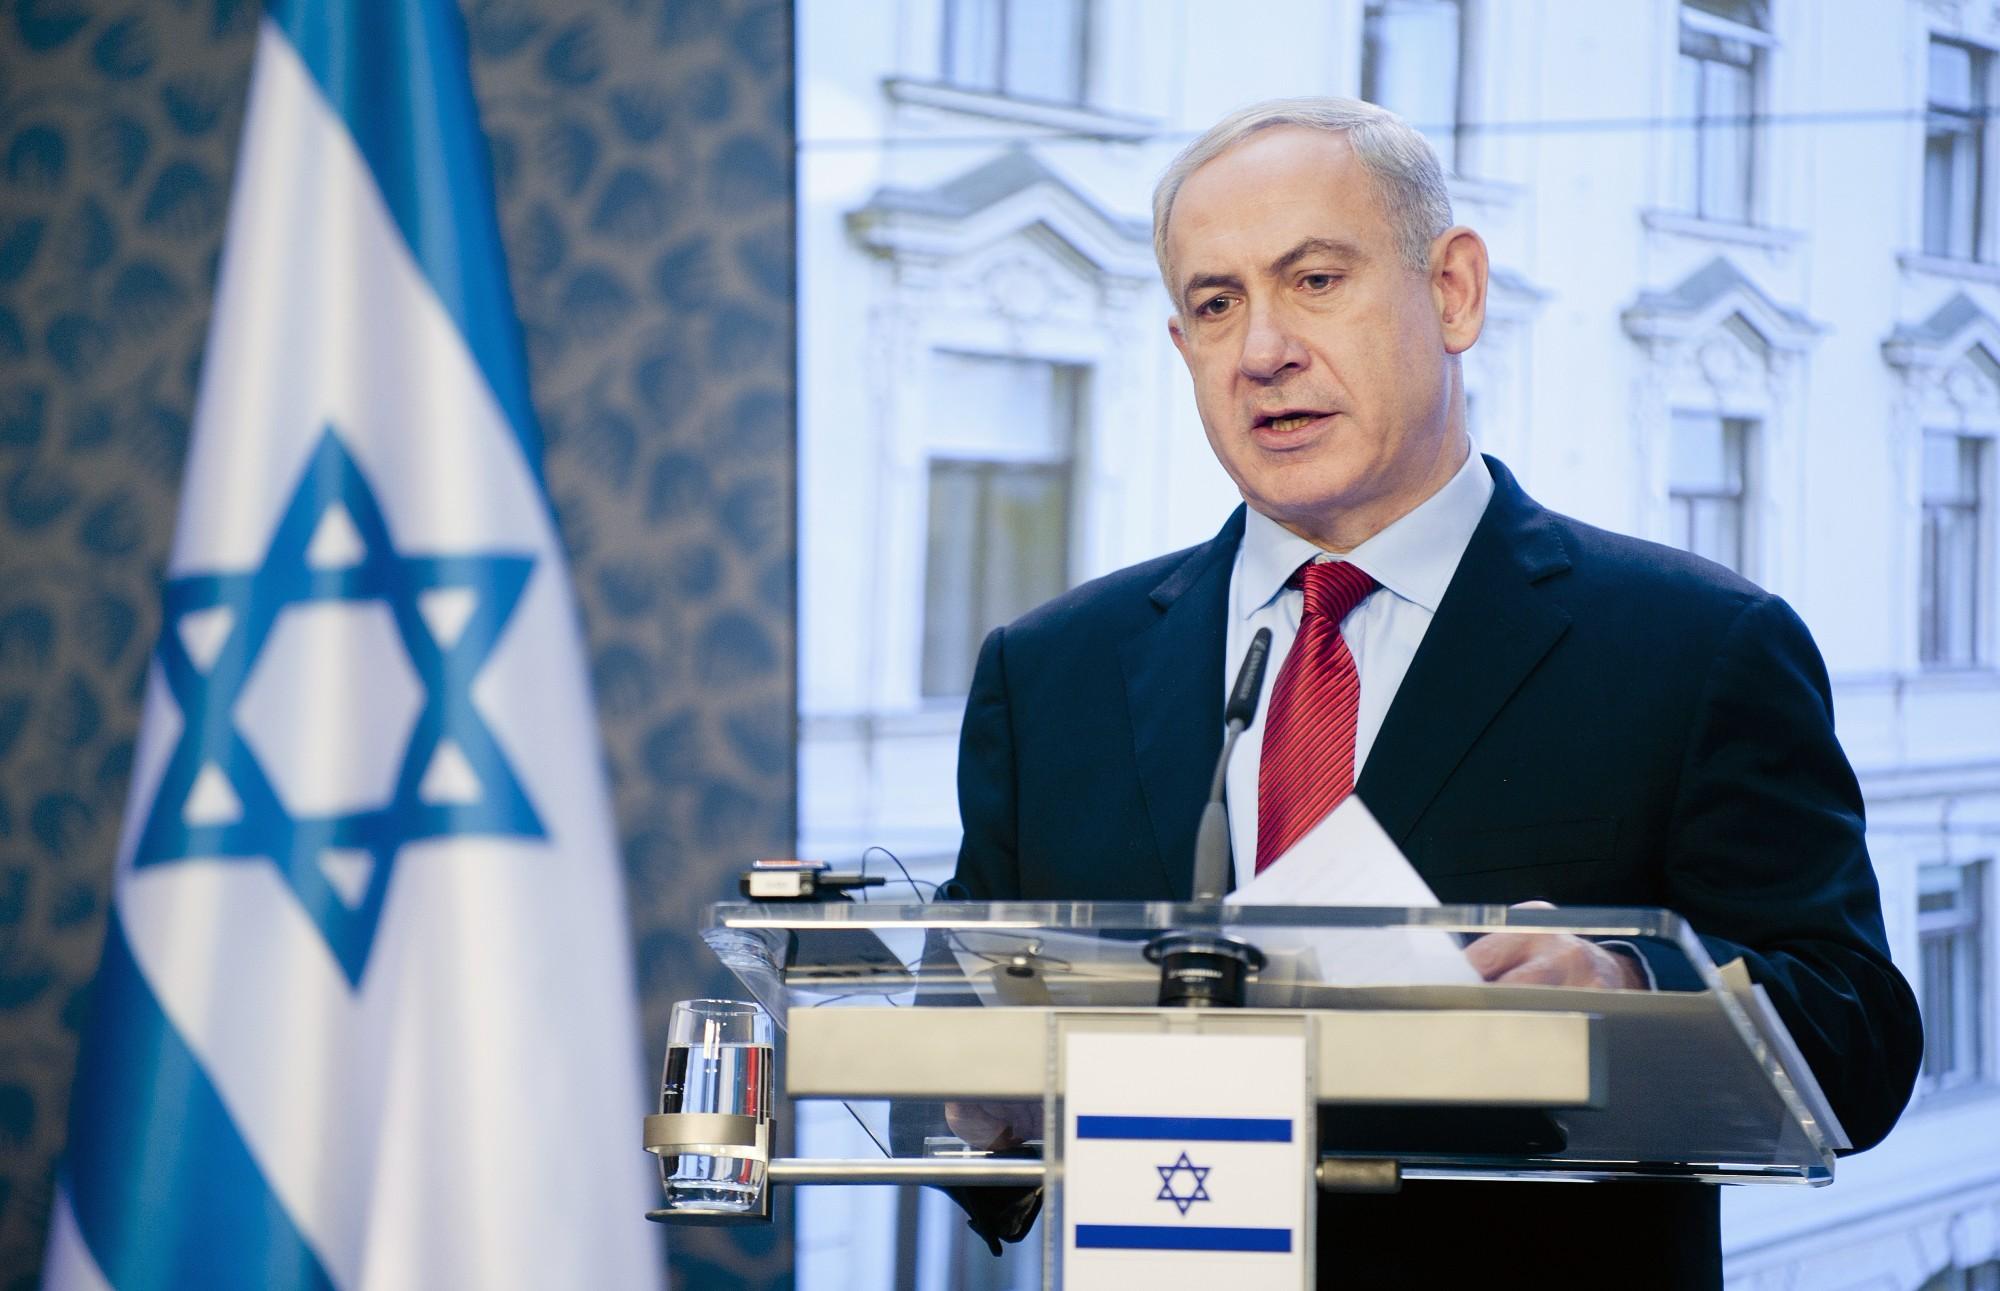 בנימין נתניהו הוא האישיות המתאימה ביותר לכהן כראש ממשלת ישראל עפ